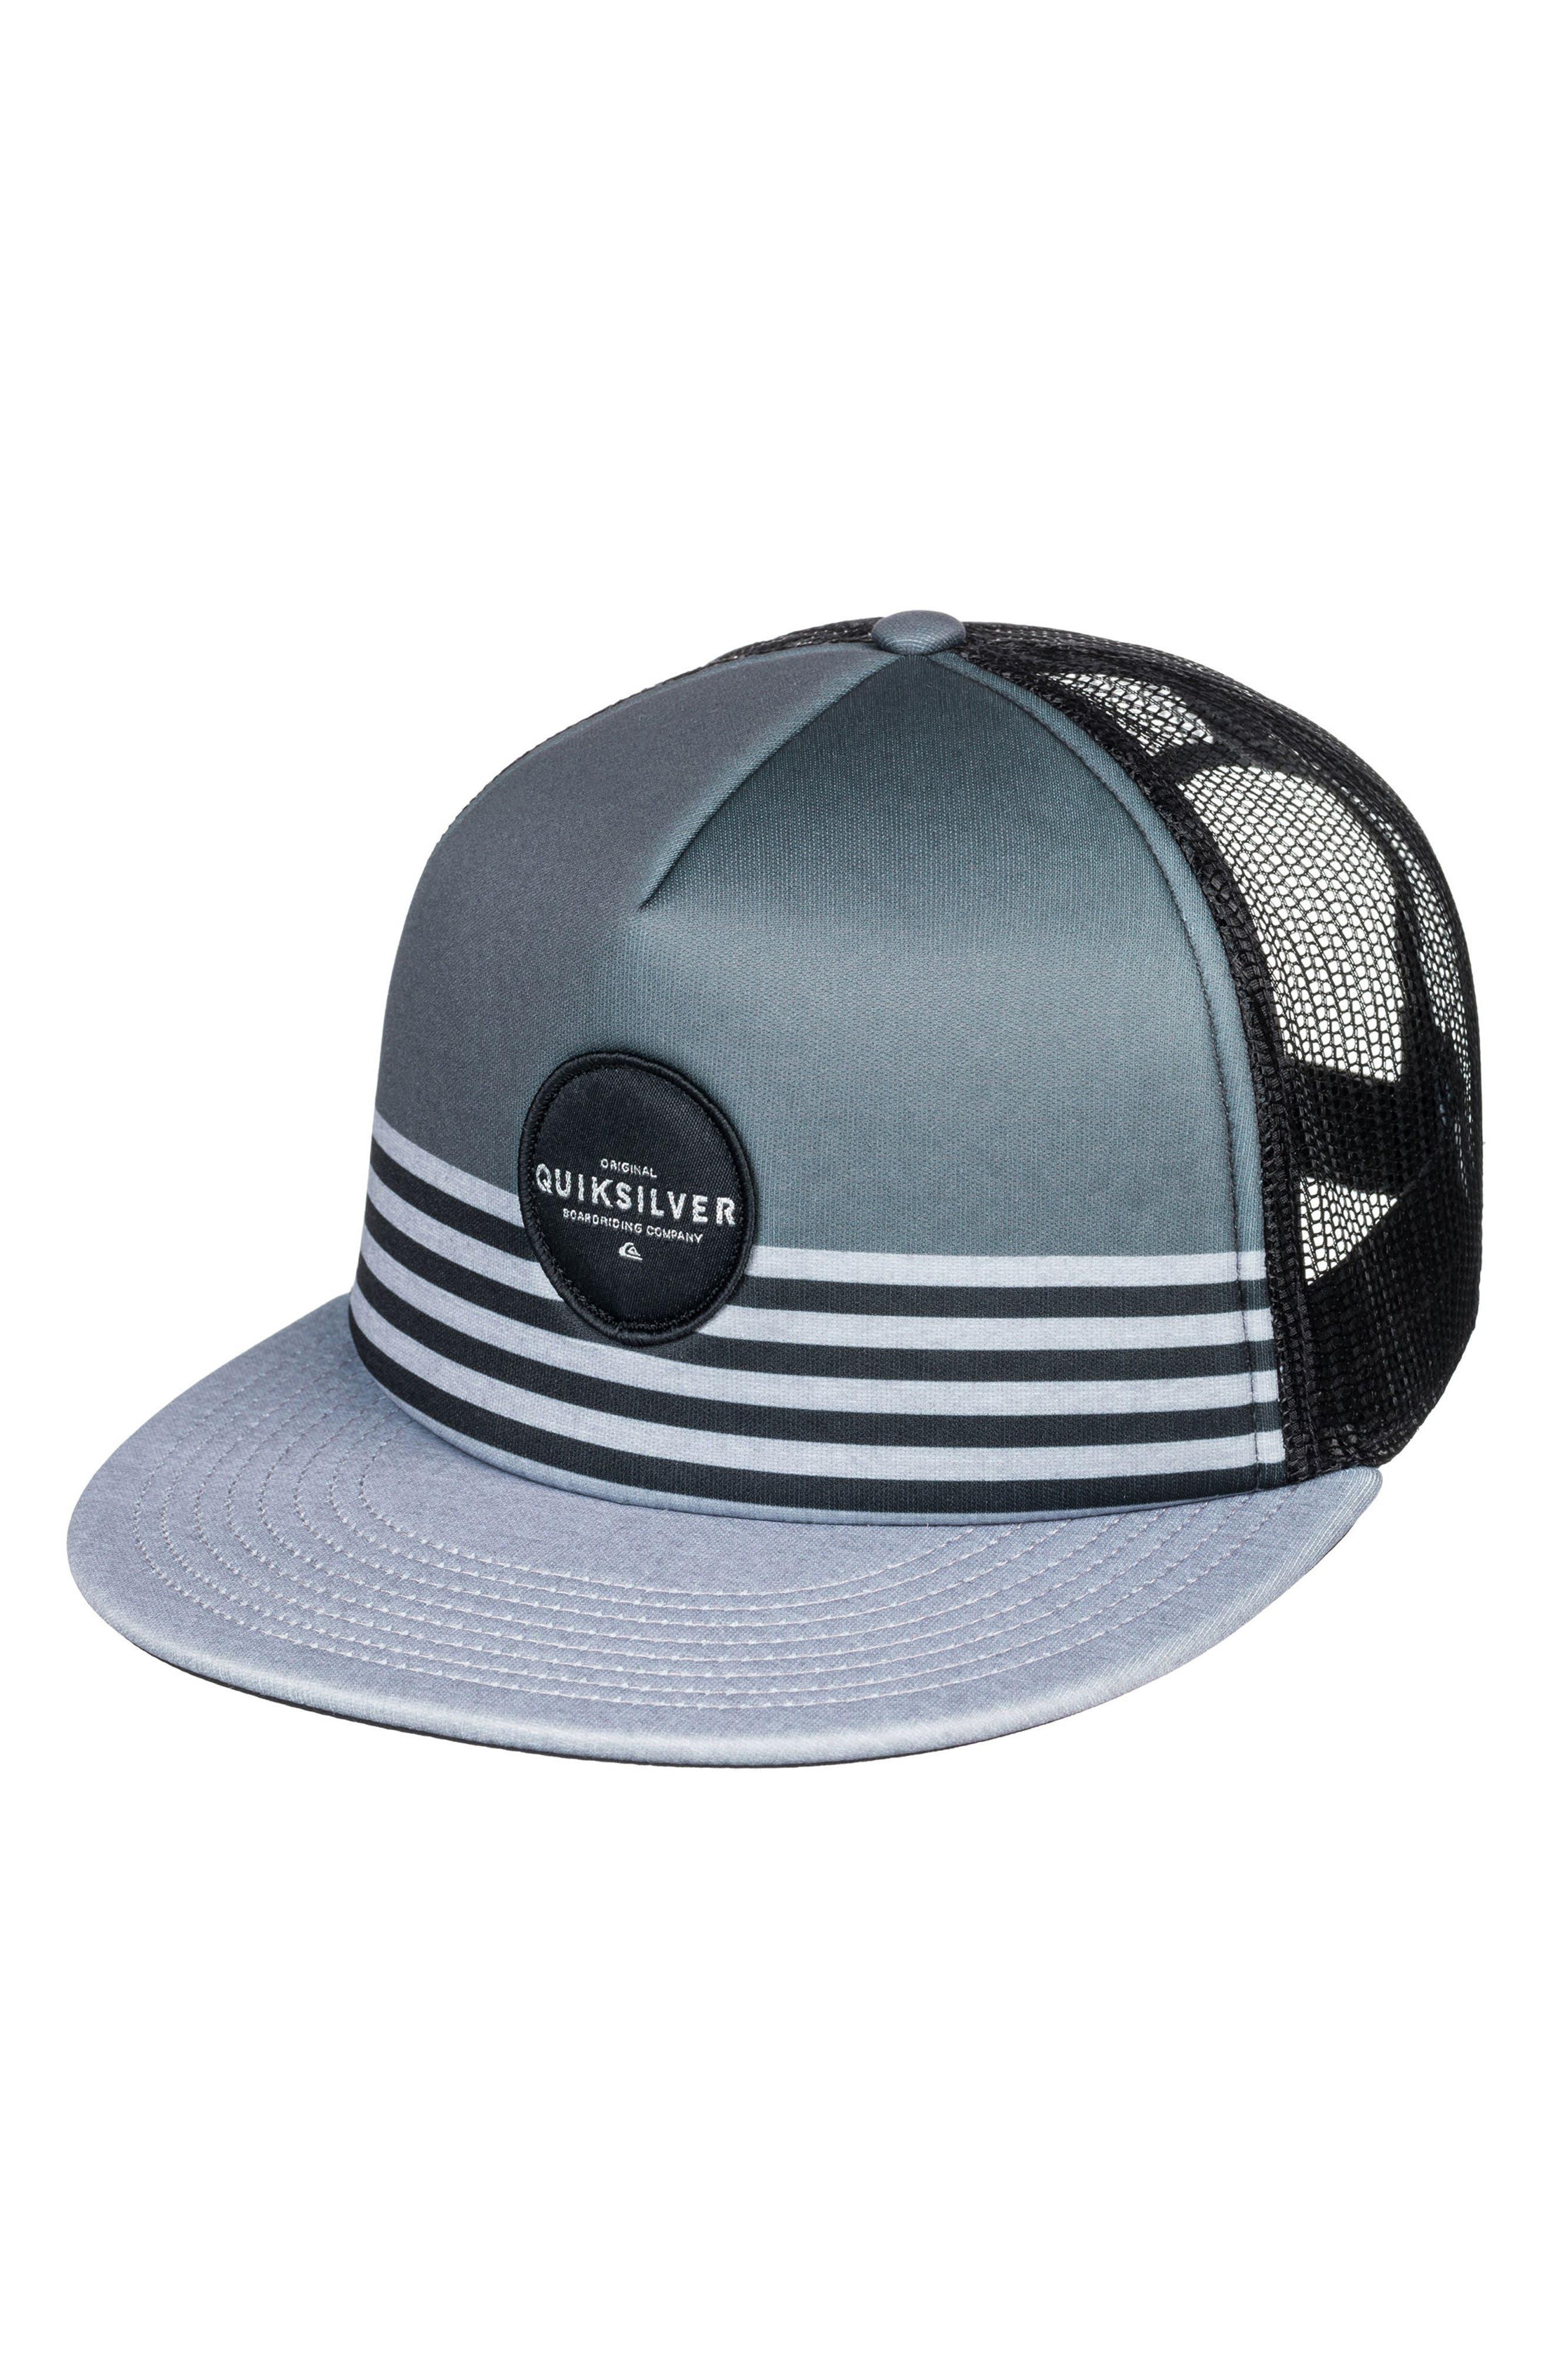 QUIKSILVER Vixten Trucker Hat - Grey f092ee85978